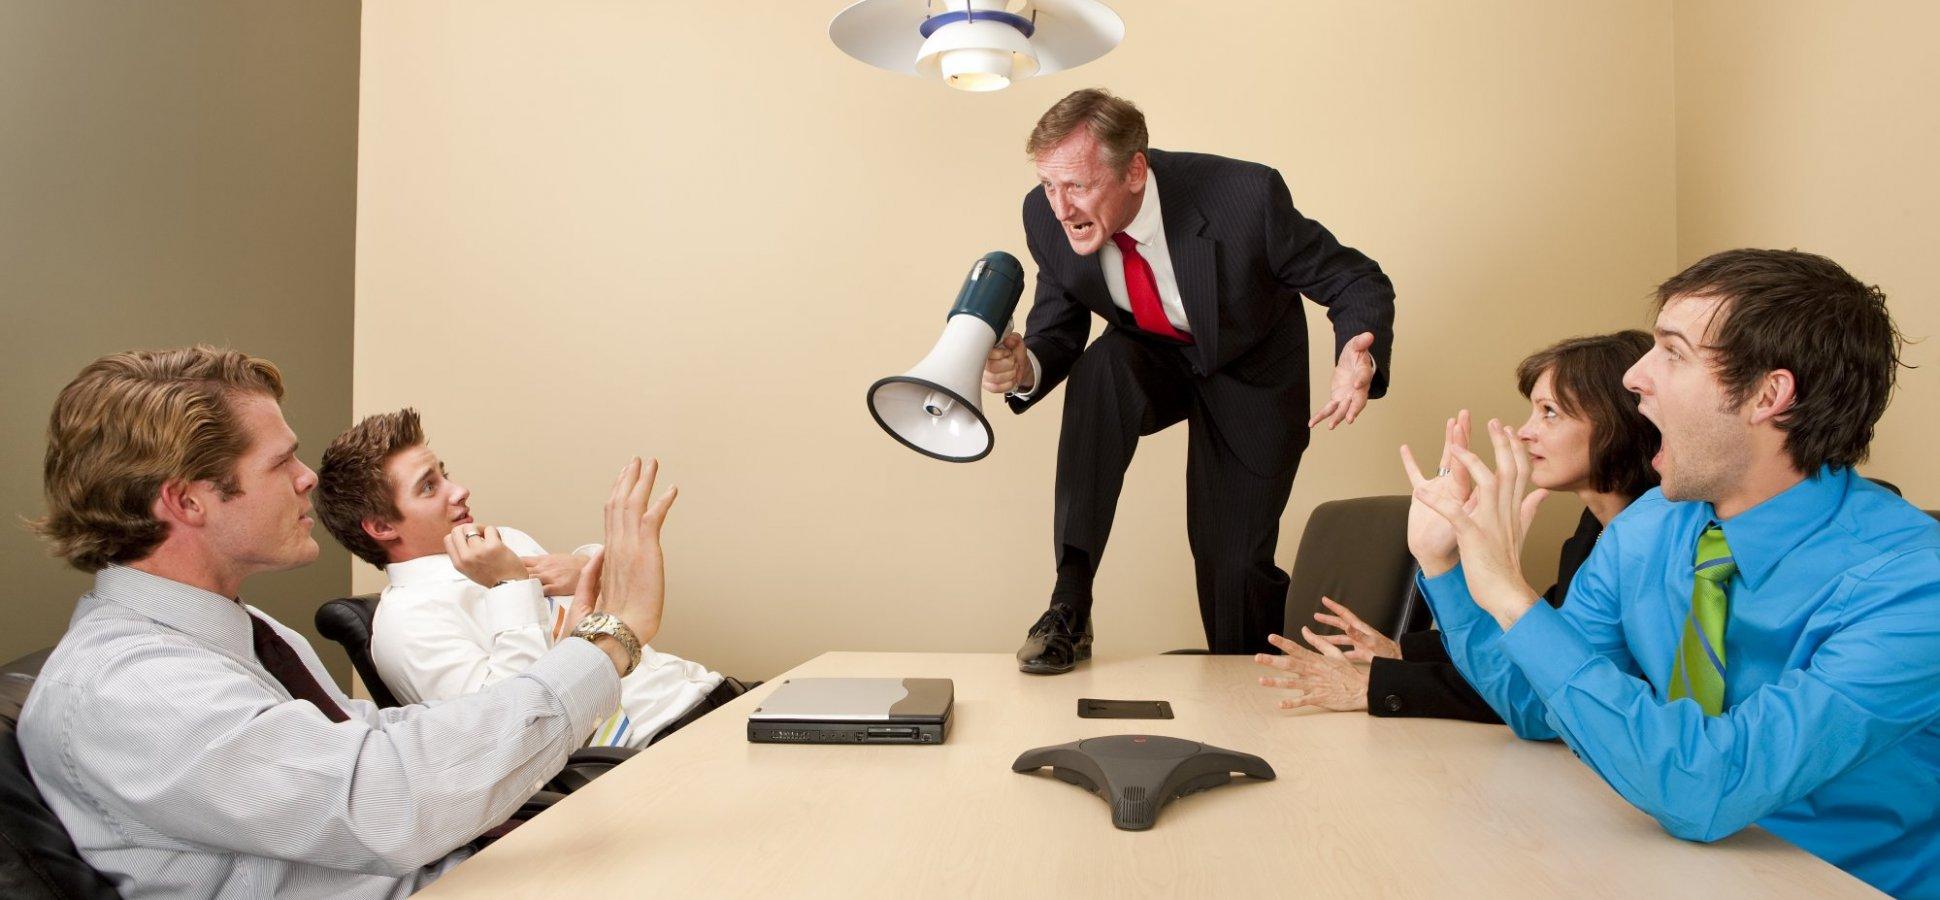 Открытки, деловое общение смешная картинка